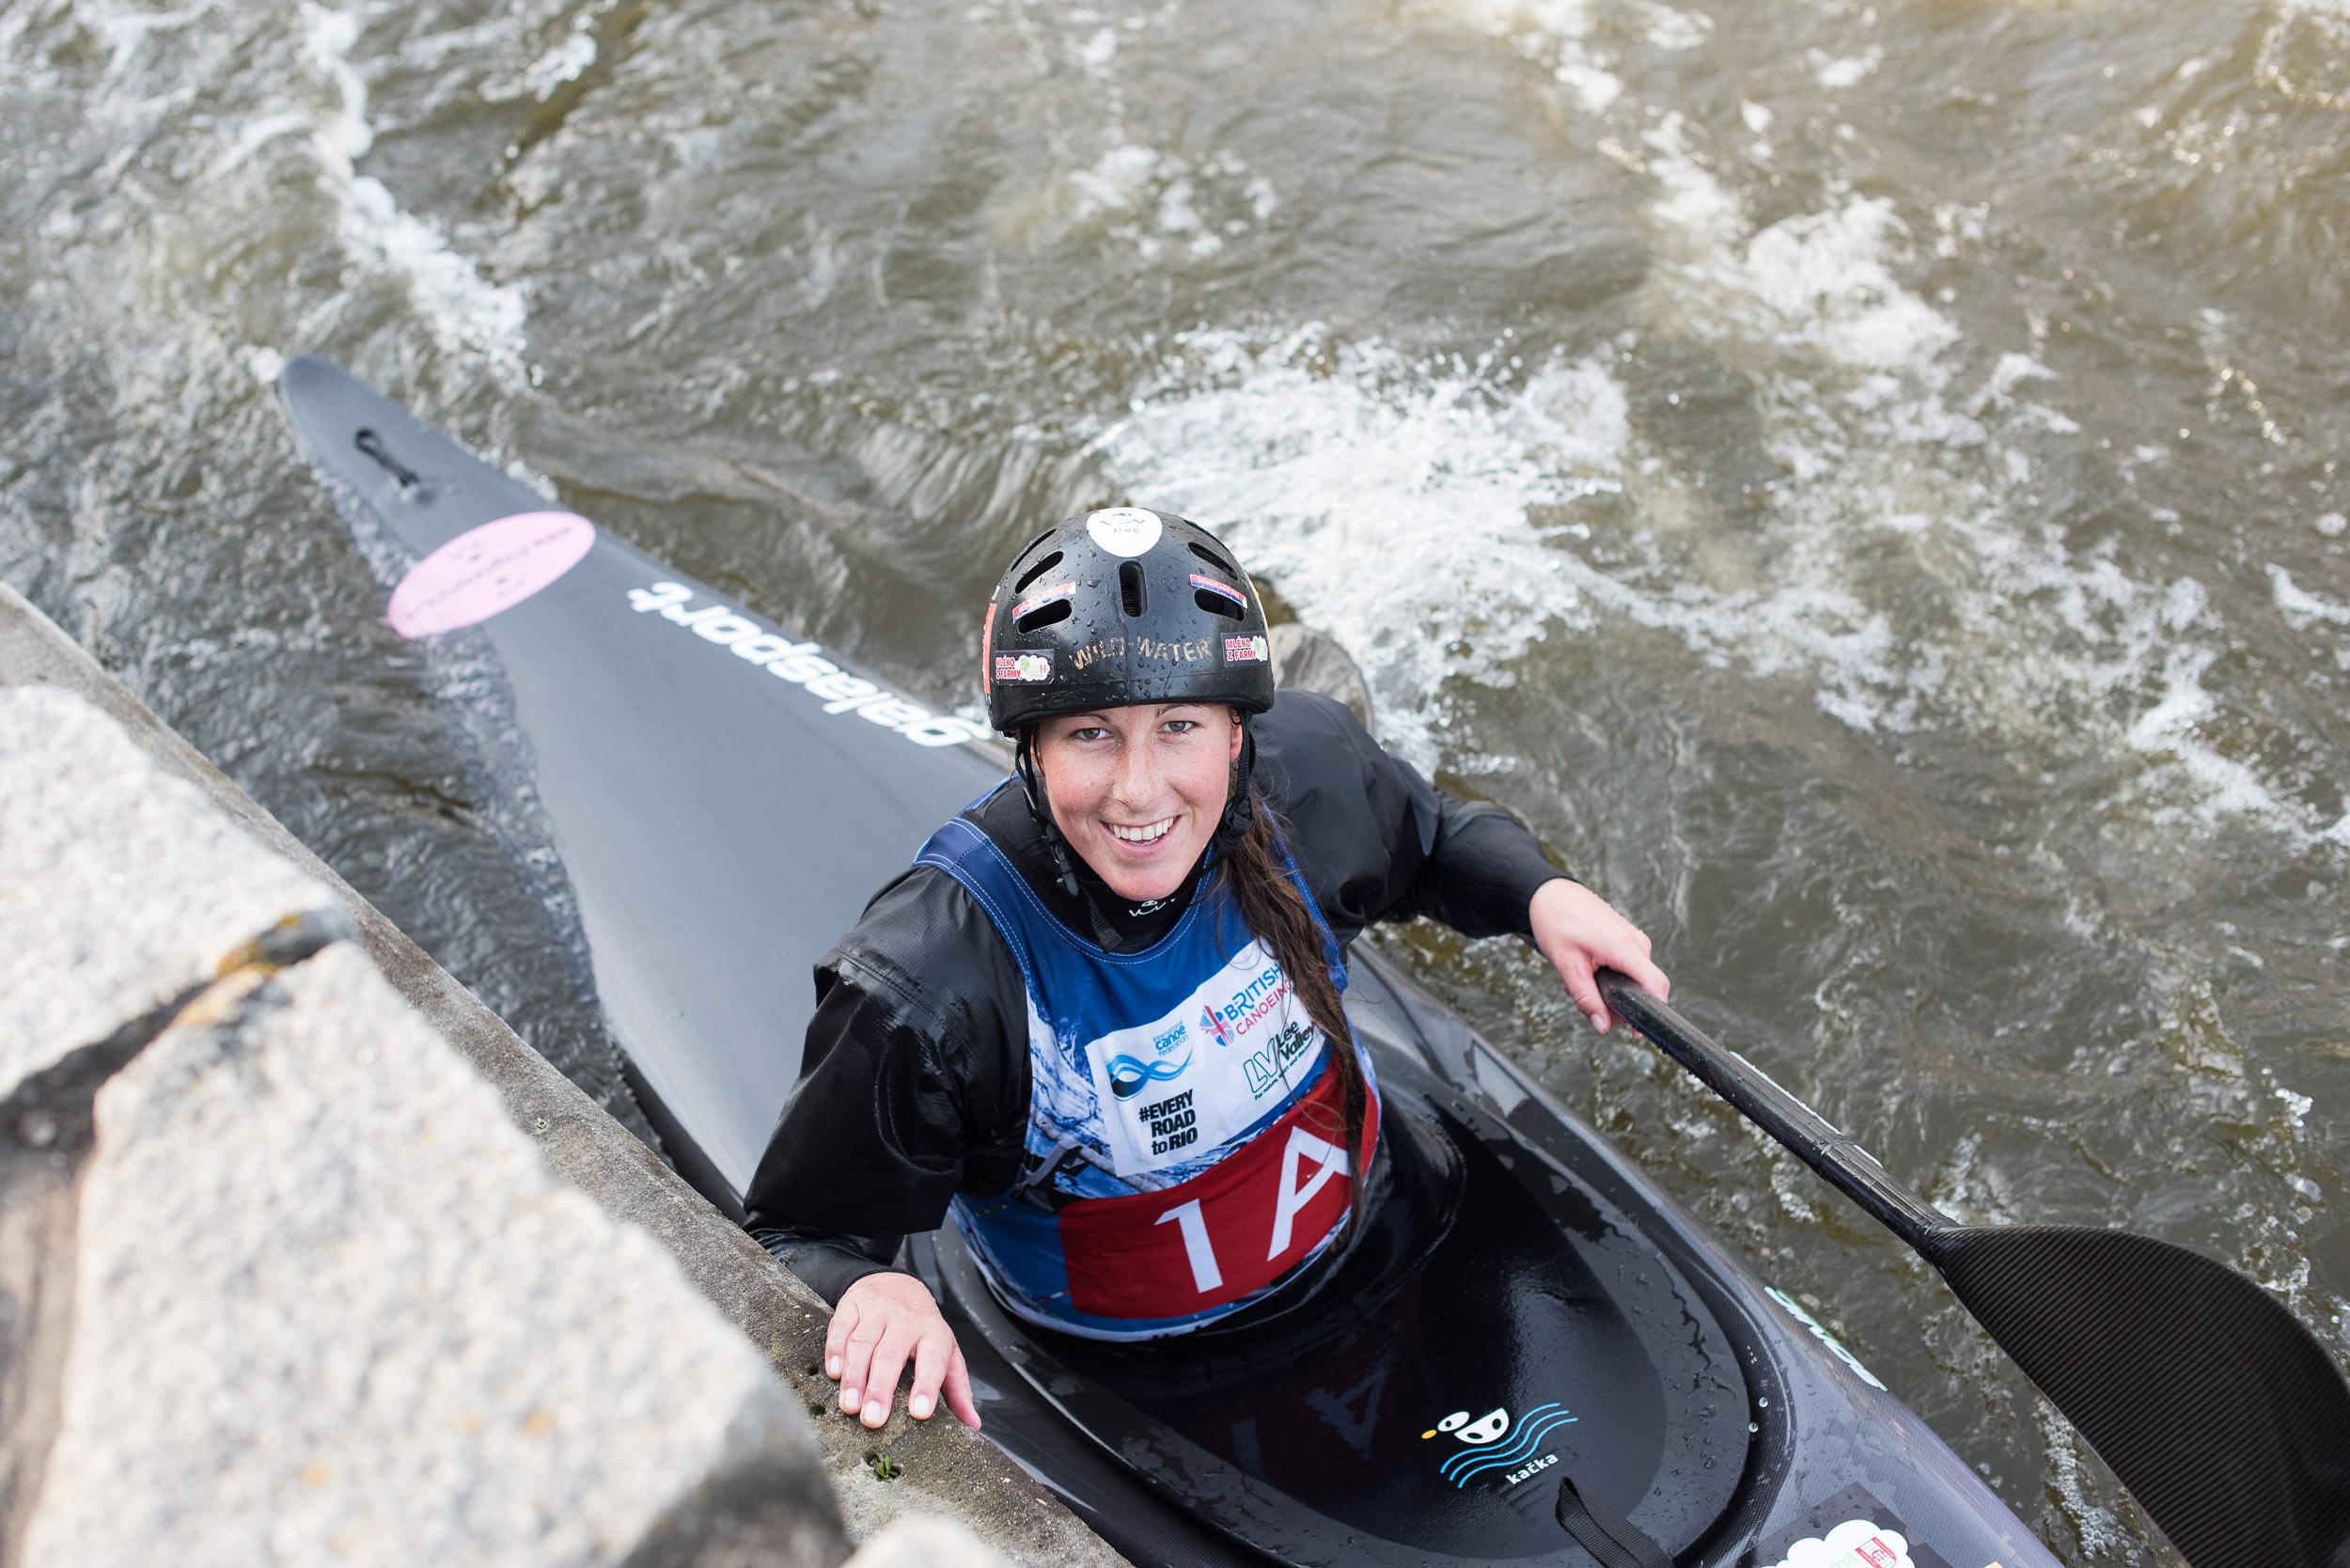 Kateřina Kudějová - world champion in water slalom